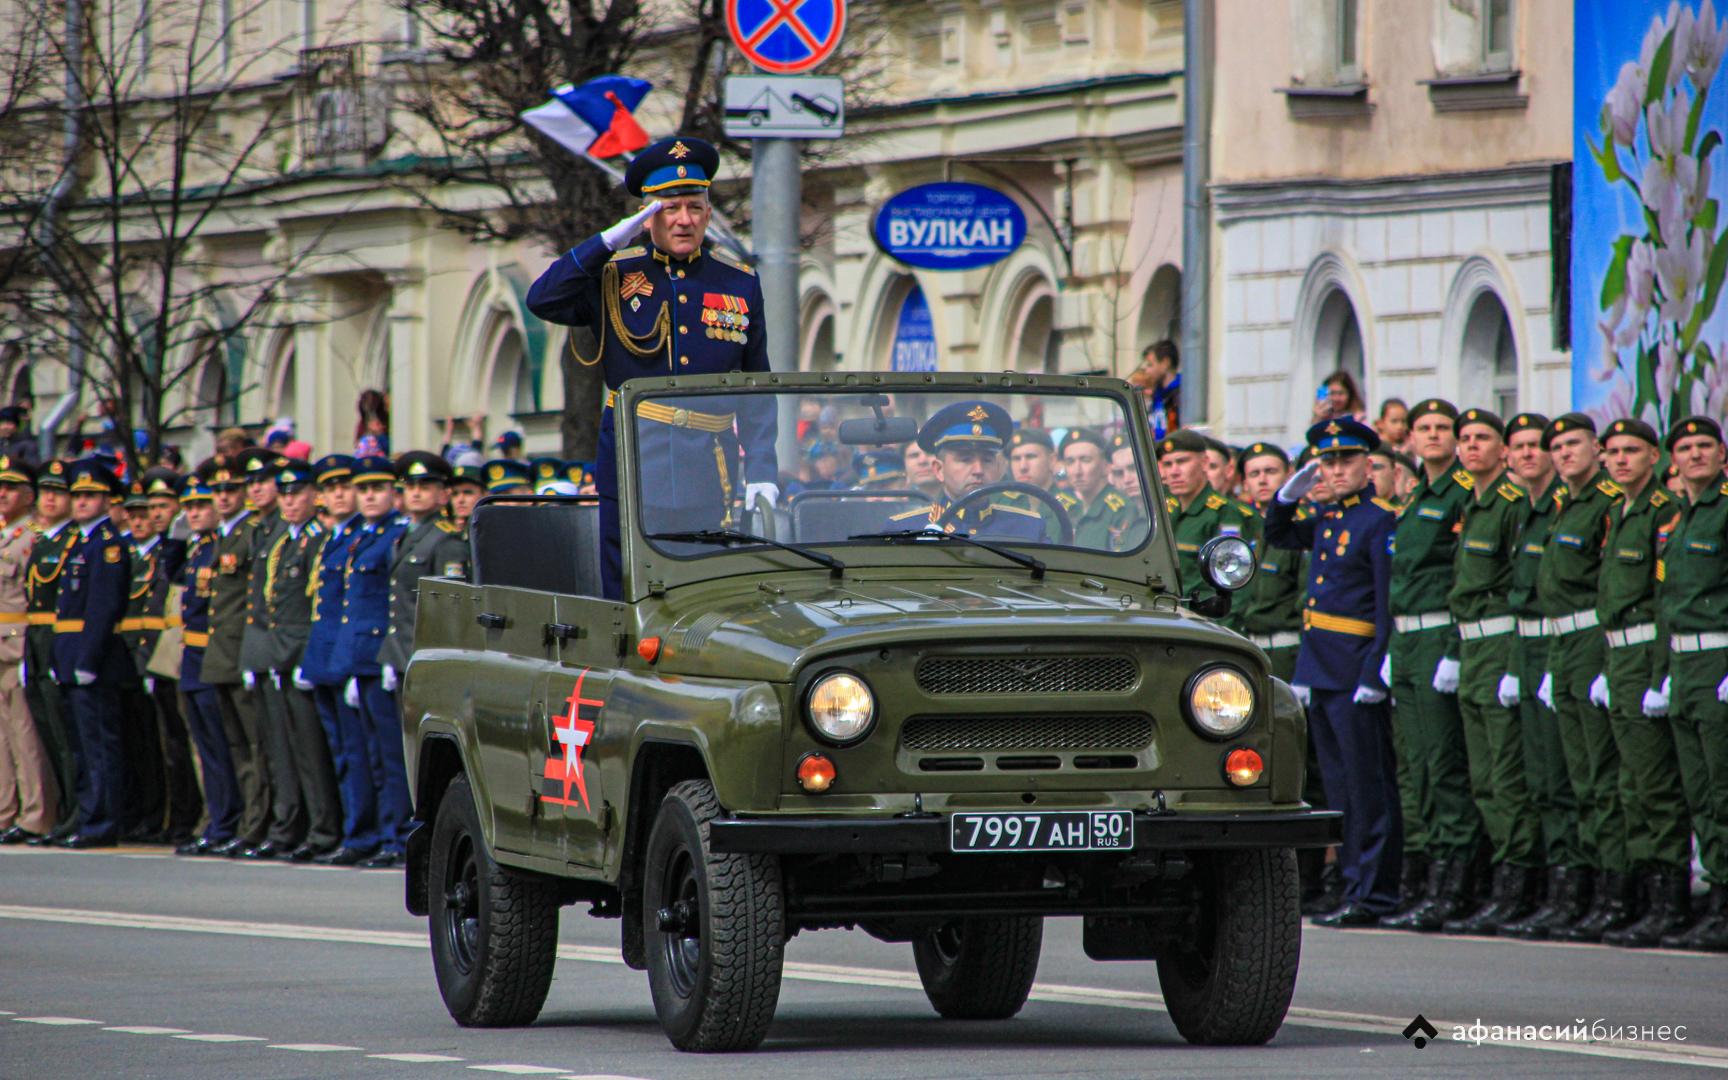 Парад Победы в Твери 9 мая 2021 года. Фоторепортаж